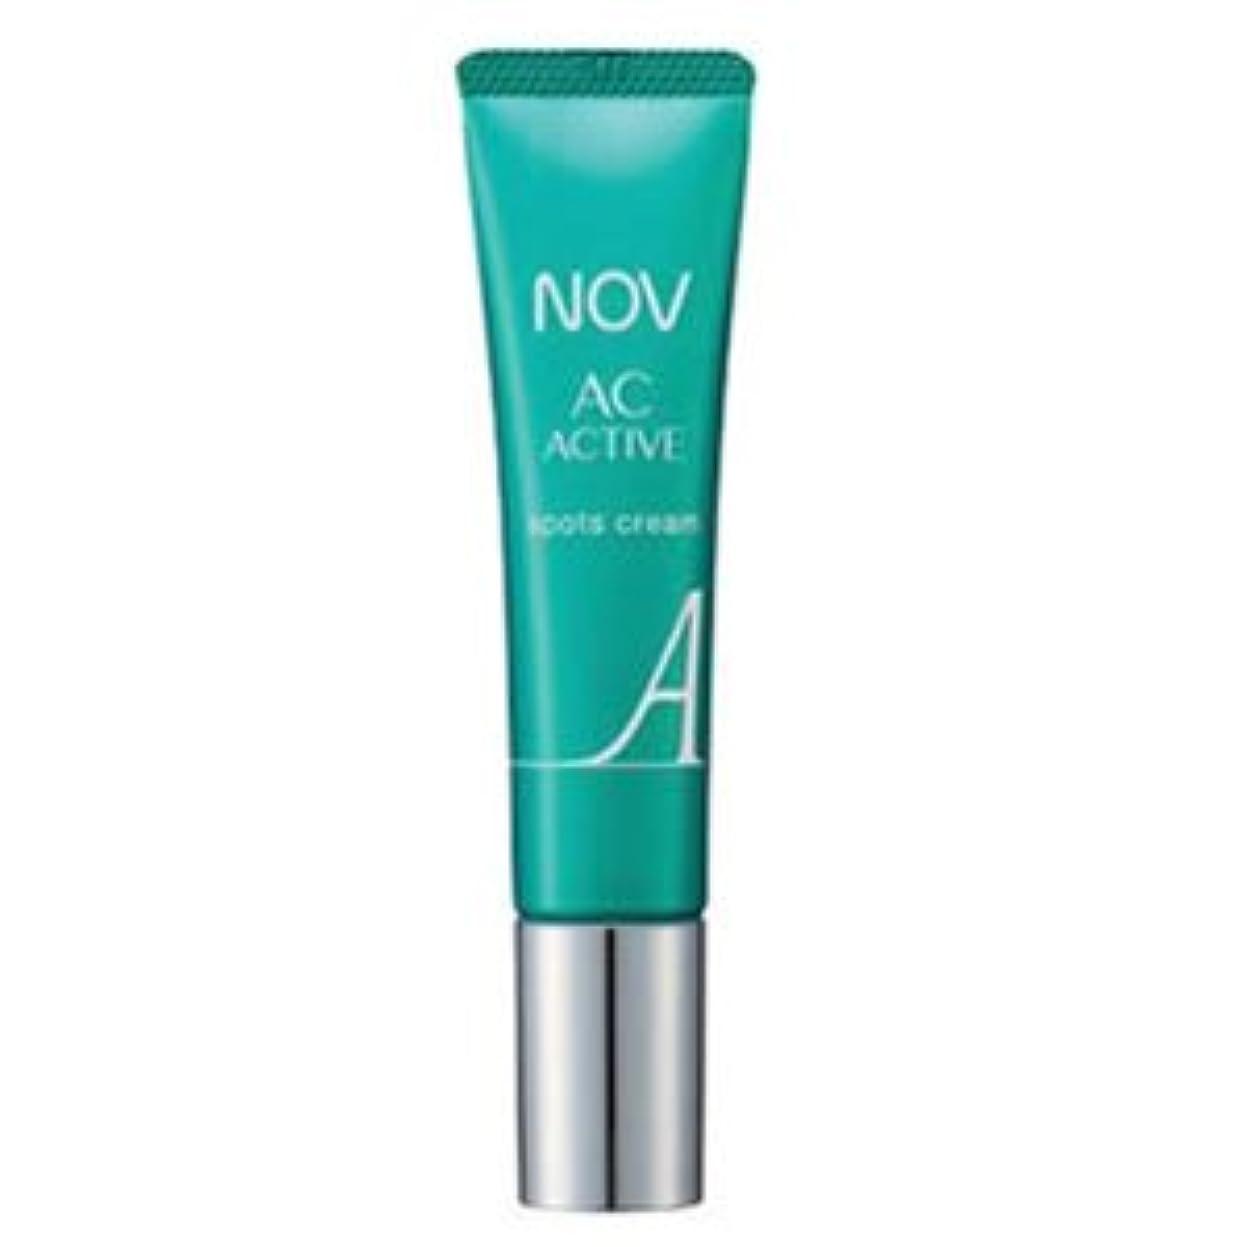 ほとんどの場合昇るなめらかなNOV ノブ ACアクティブ スポッツクリーム n 10g 医薬部外品